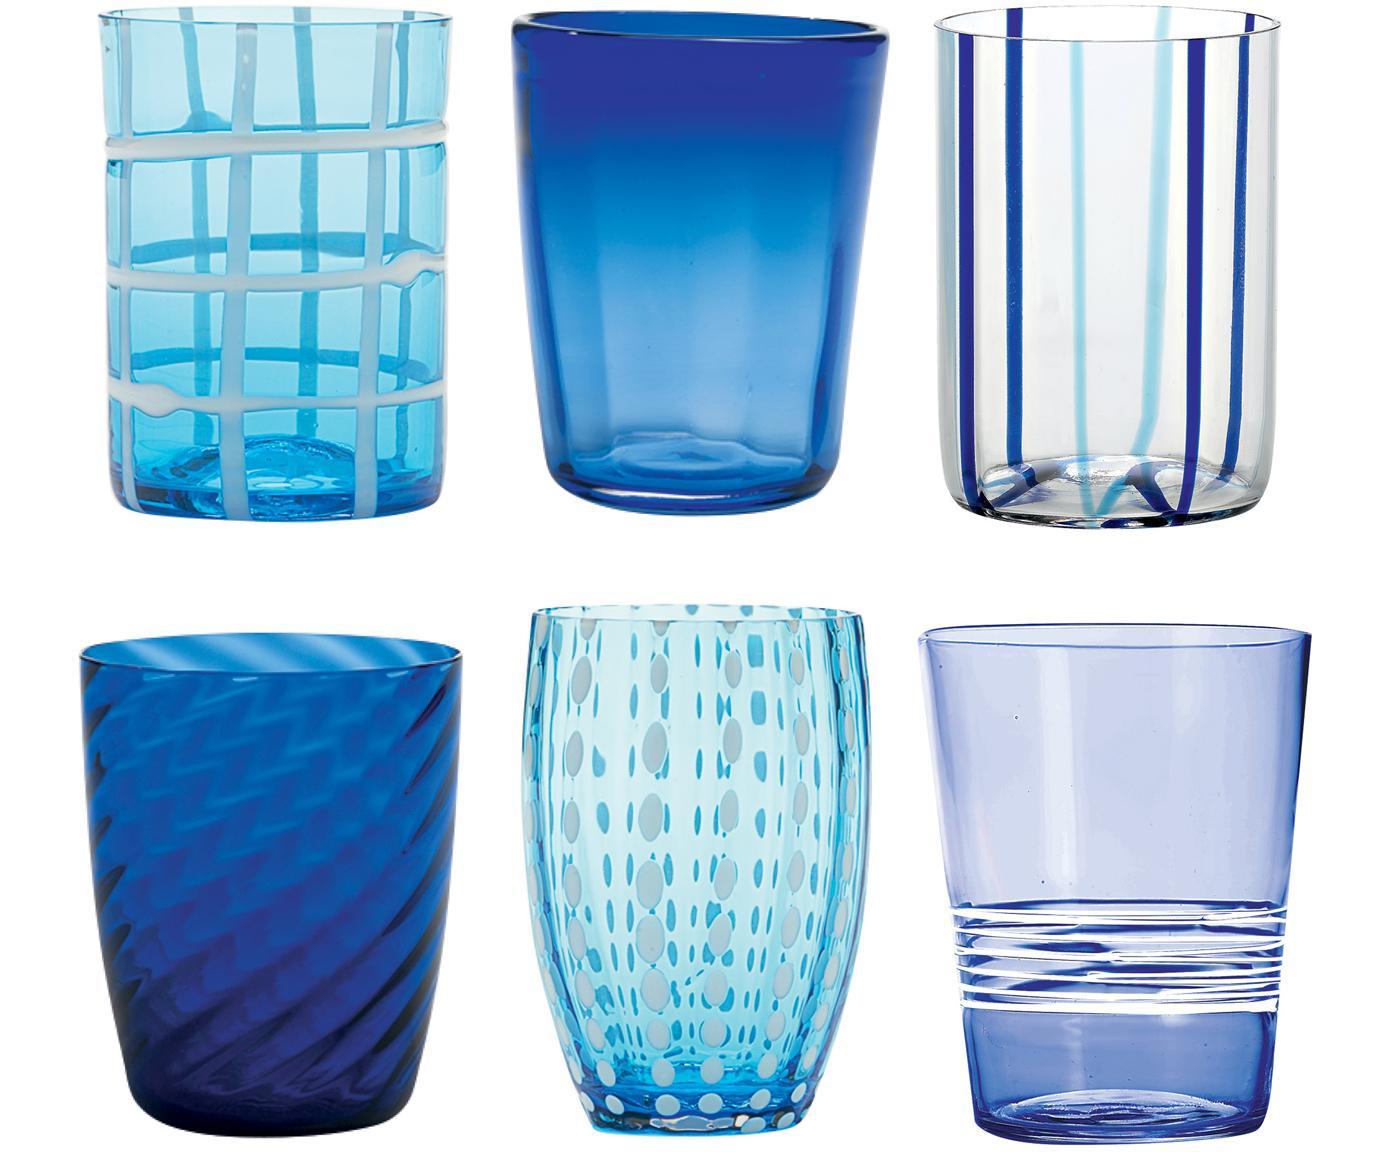 Komplet szklanek do wody ze szkła dmuchanego Melting Pot Sea, 6 elem., Szkło, Niebieski, transparentny, Różne rozmiary